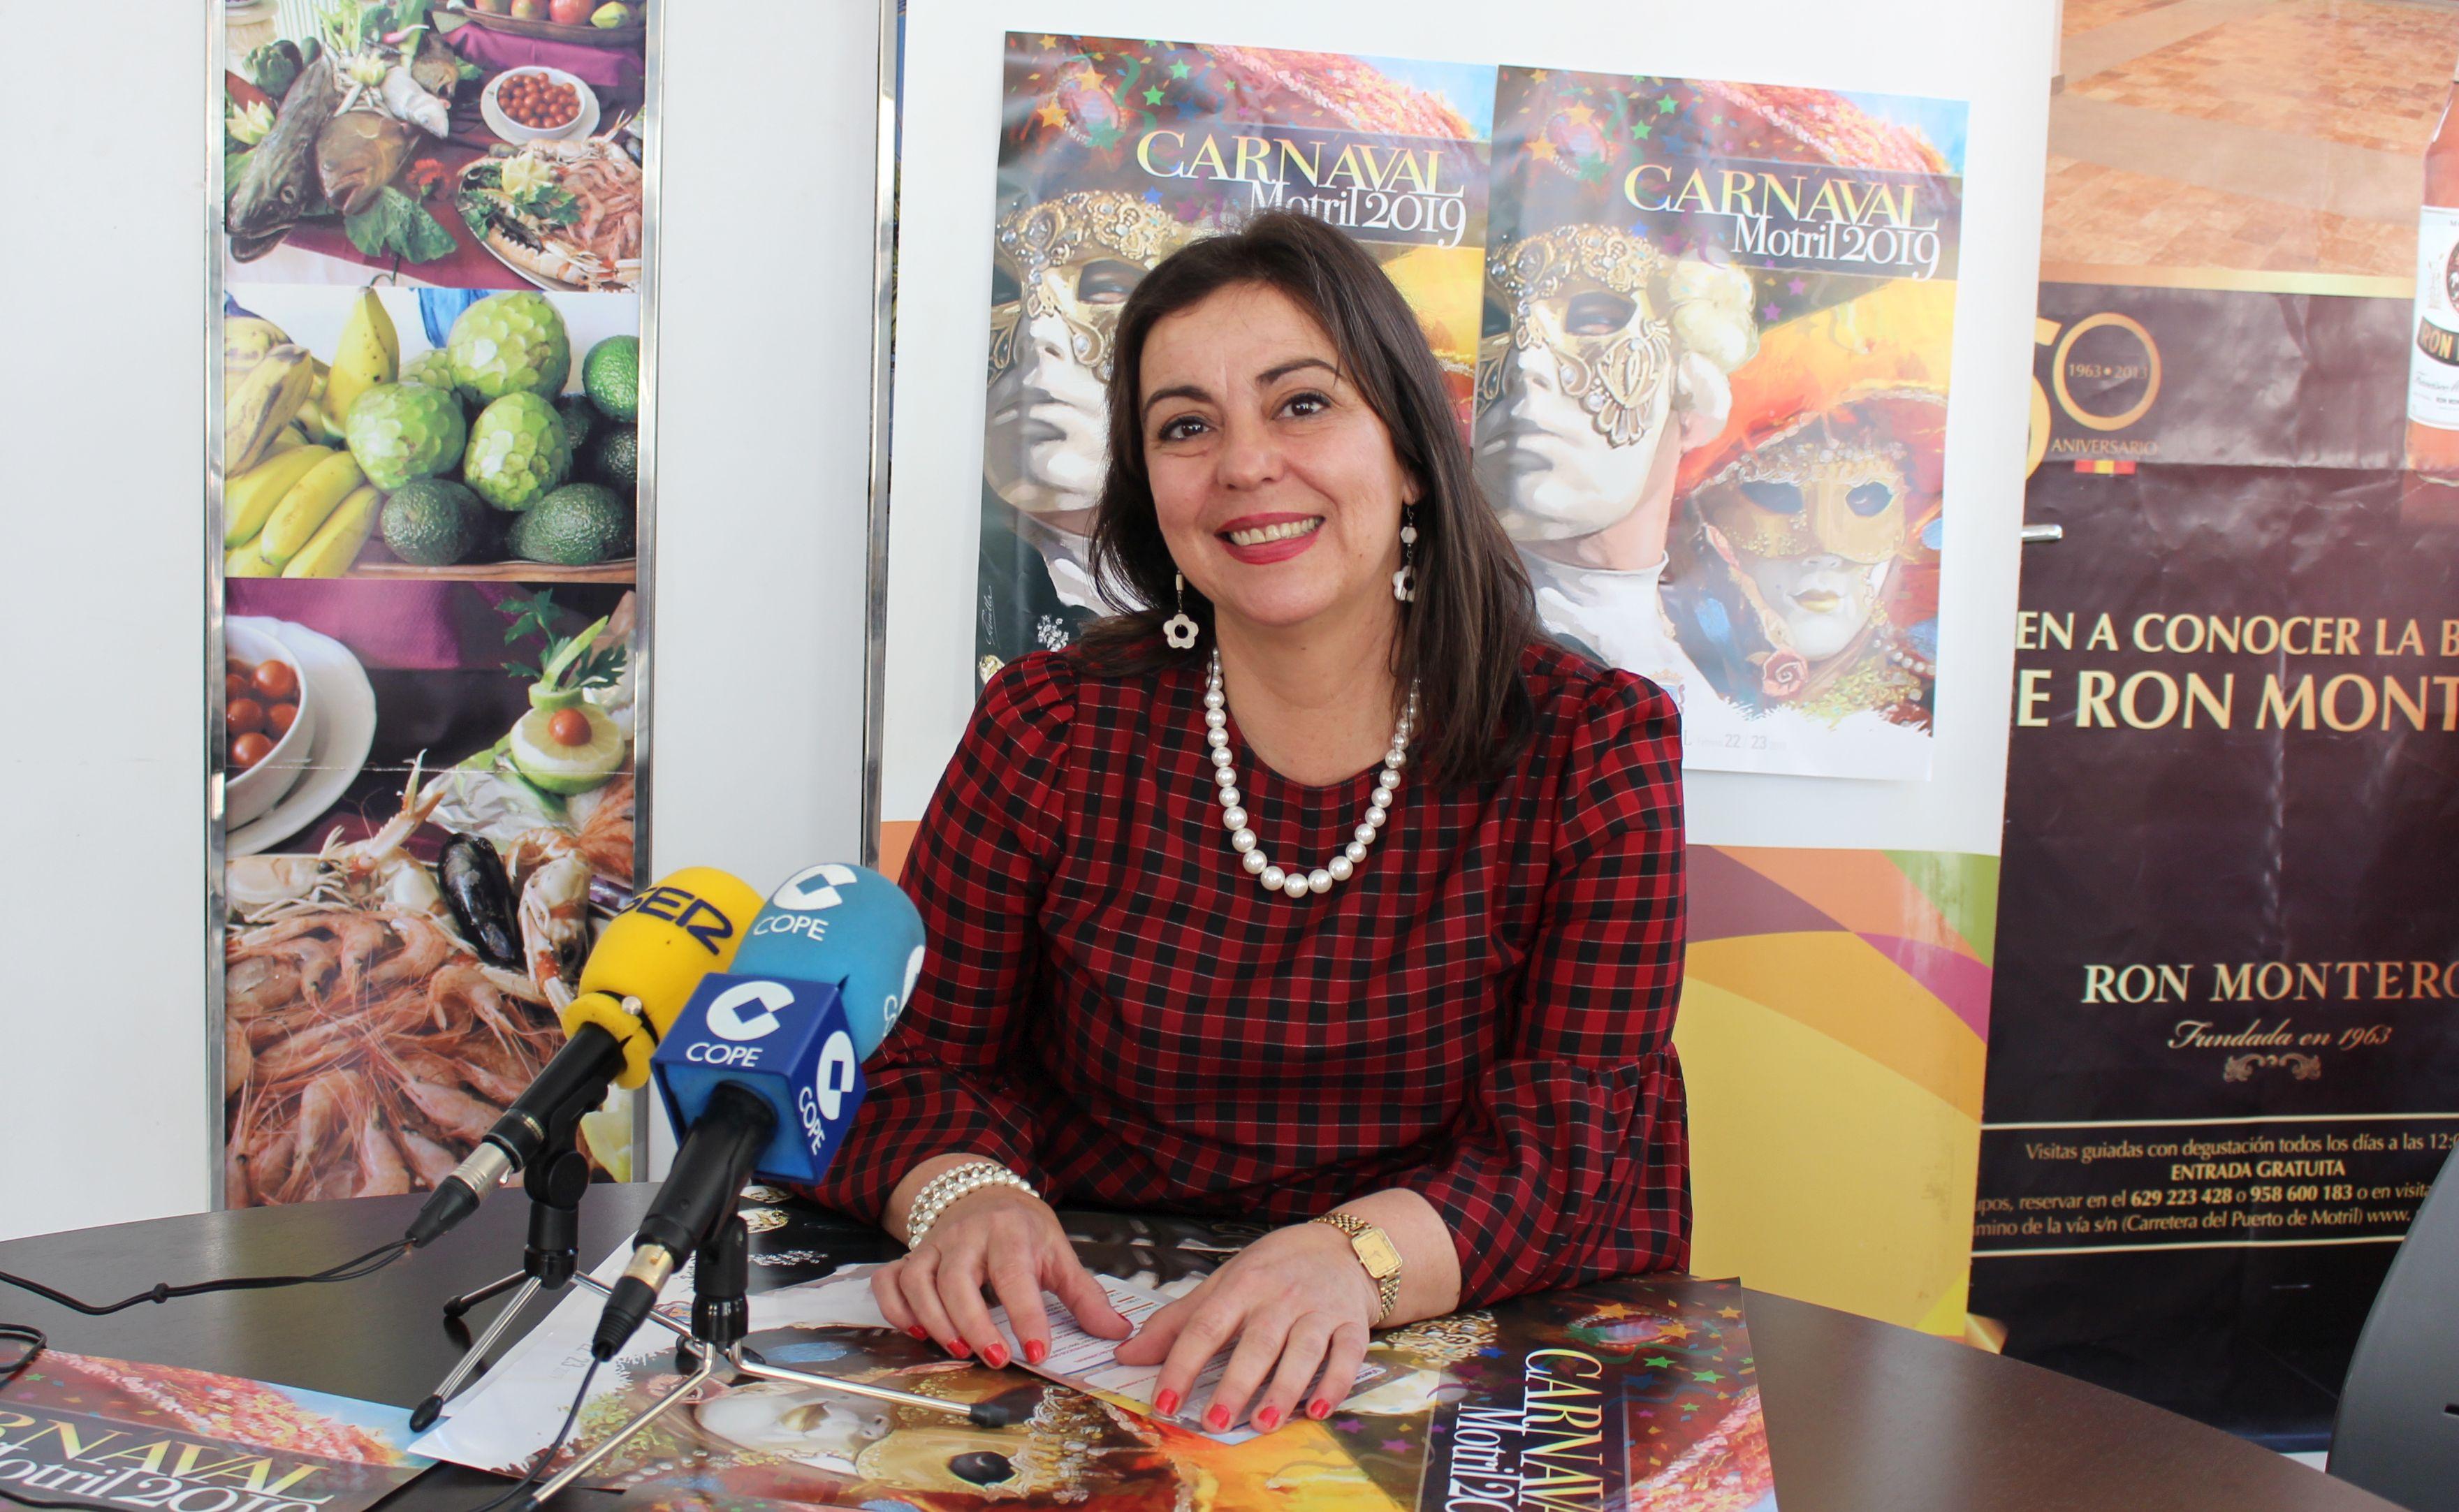 Alicia Crespo durante la presentación de la programación del Carnaval 2019